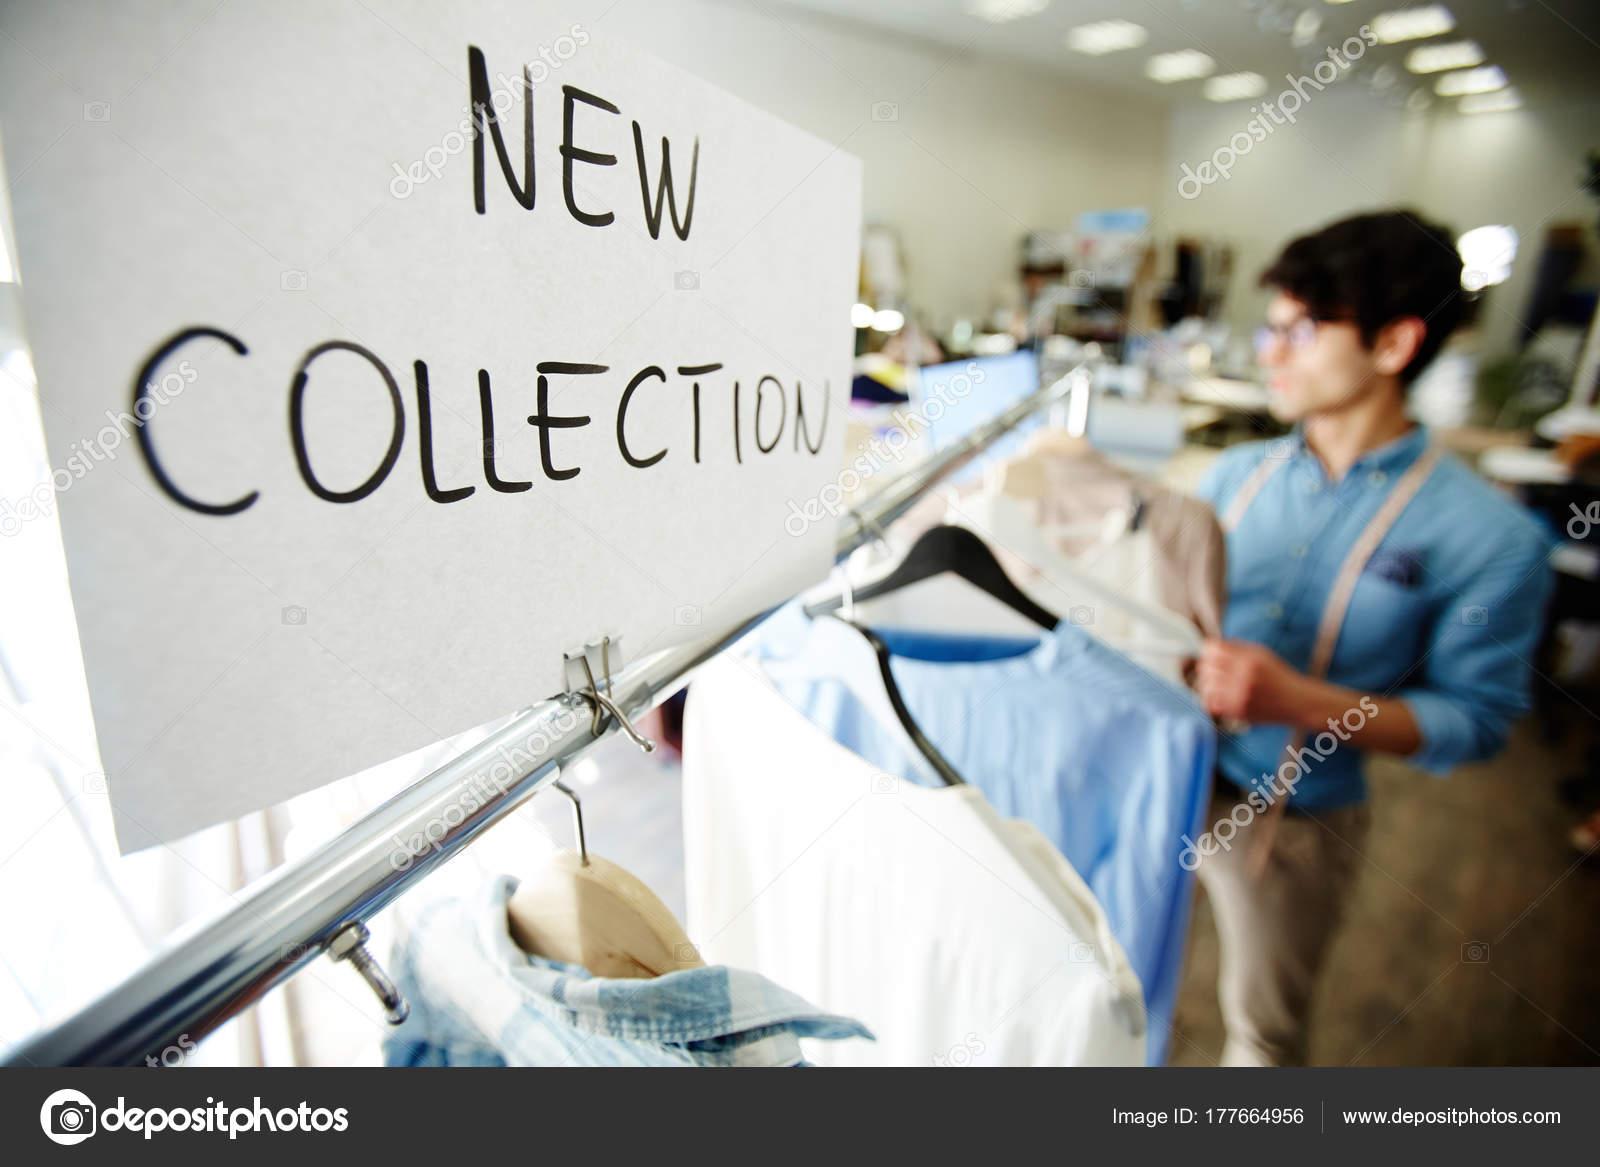 Nieuwe Collectie Kleding.Aankondiging Papier Nieuwe Collectie Van Kleding Boetiek Stockfoto